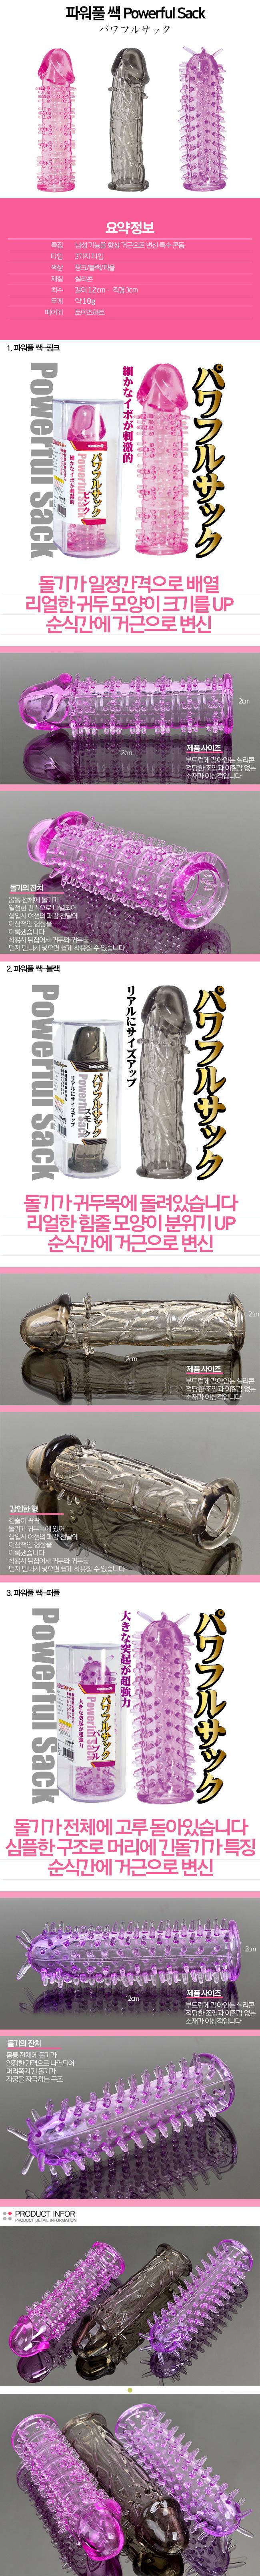 [일본 직수입] 파워풀 쌕 Powerful Sack(パワフルサック)-토이즈하트사 정품